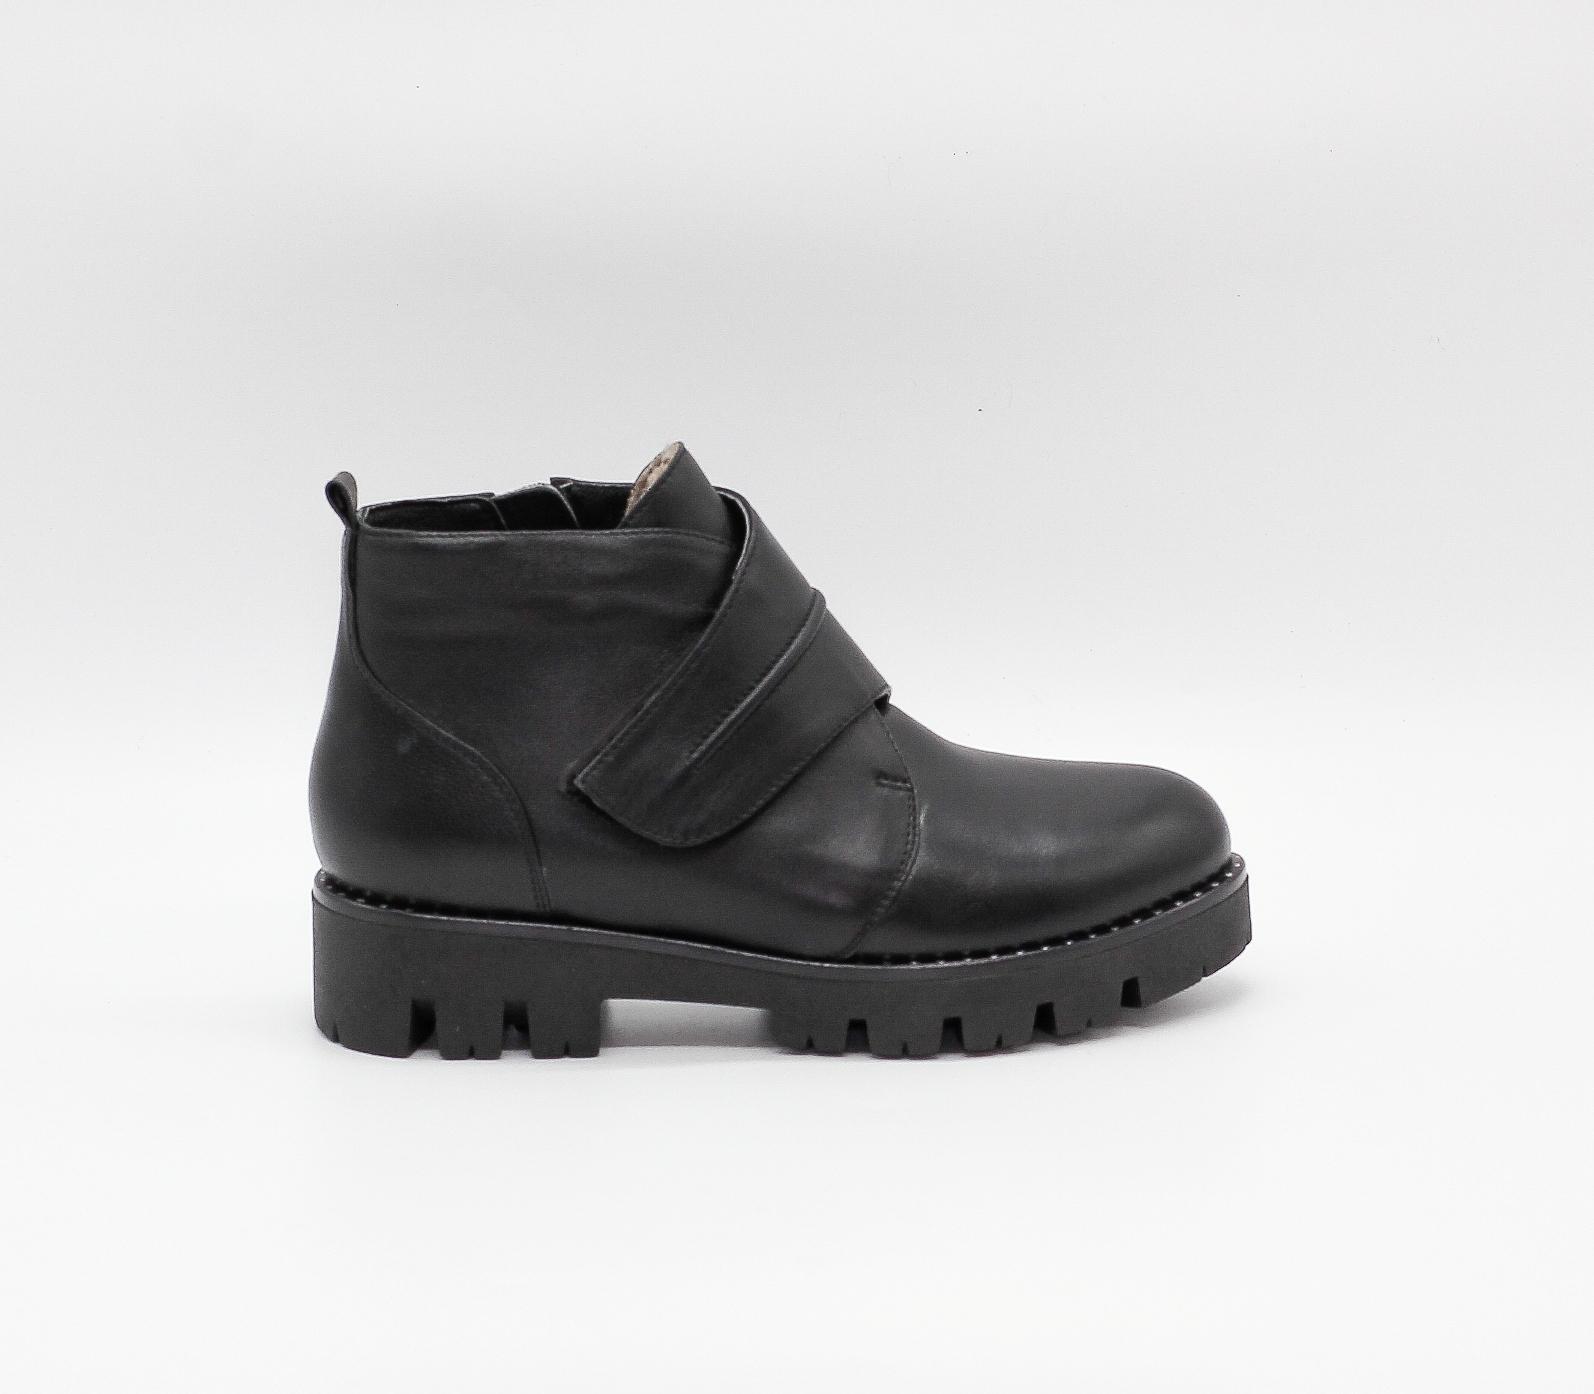 Зимние ботинки из натуральной кожи с протекторной подошвой